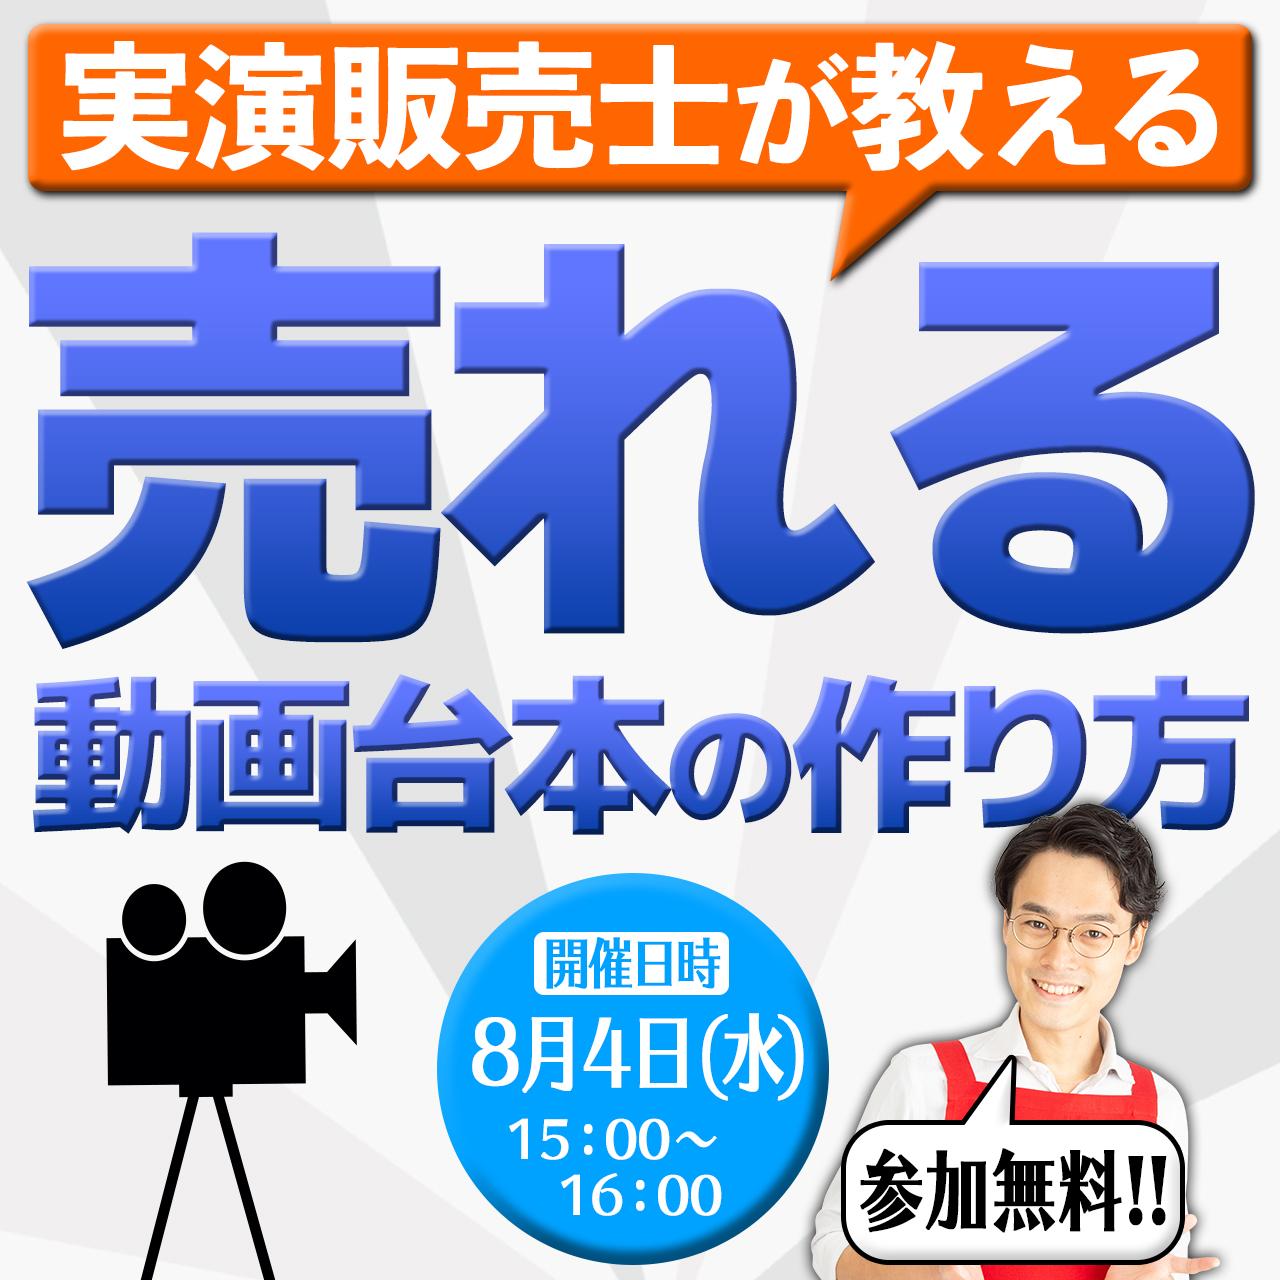 株式会社コパ・コーポレーション 無料オンラインセミナー